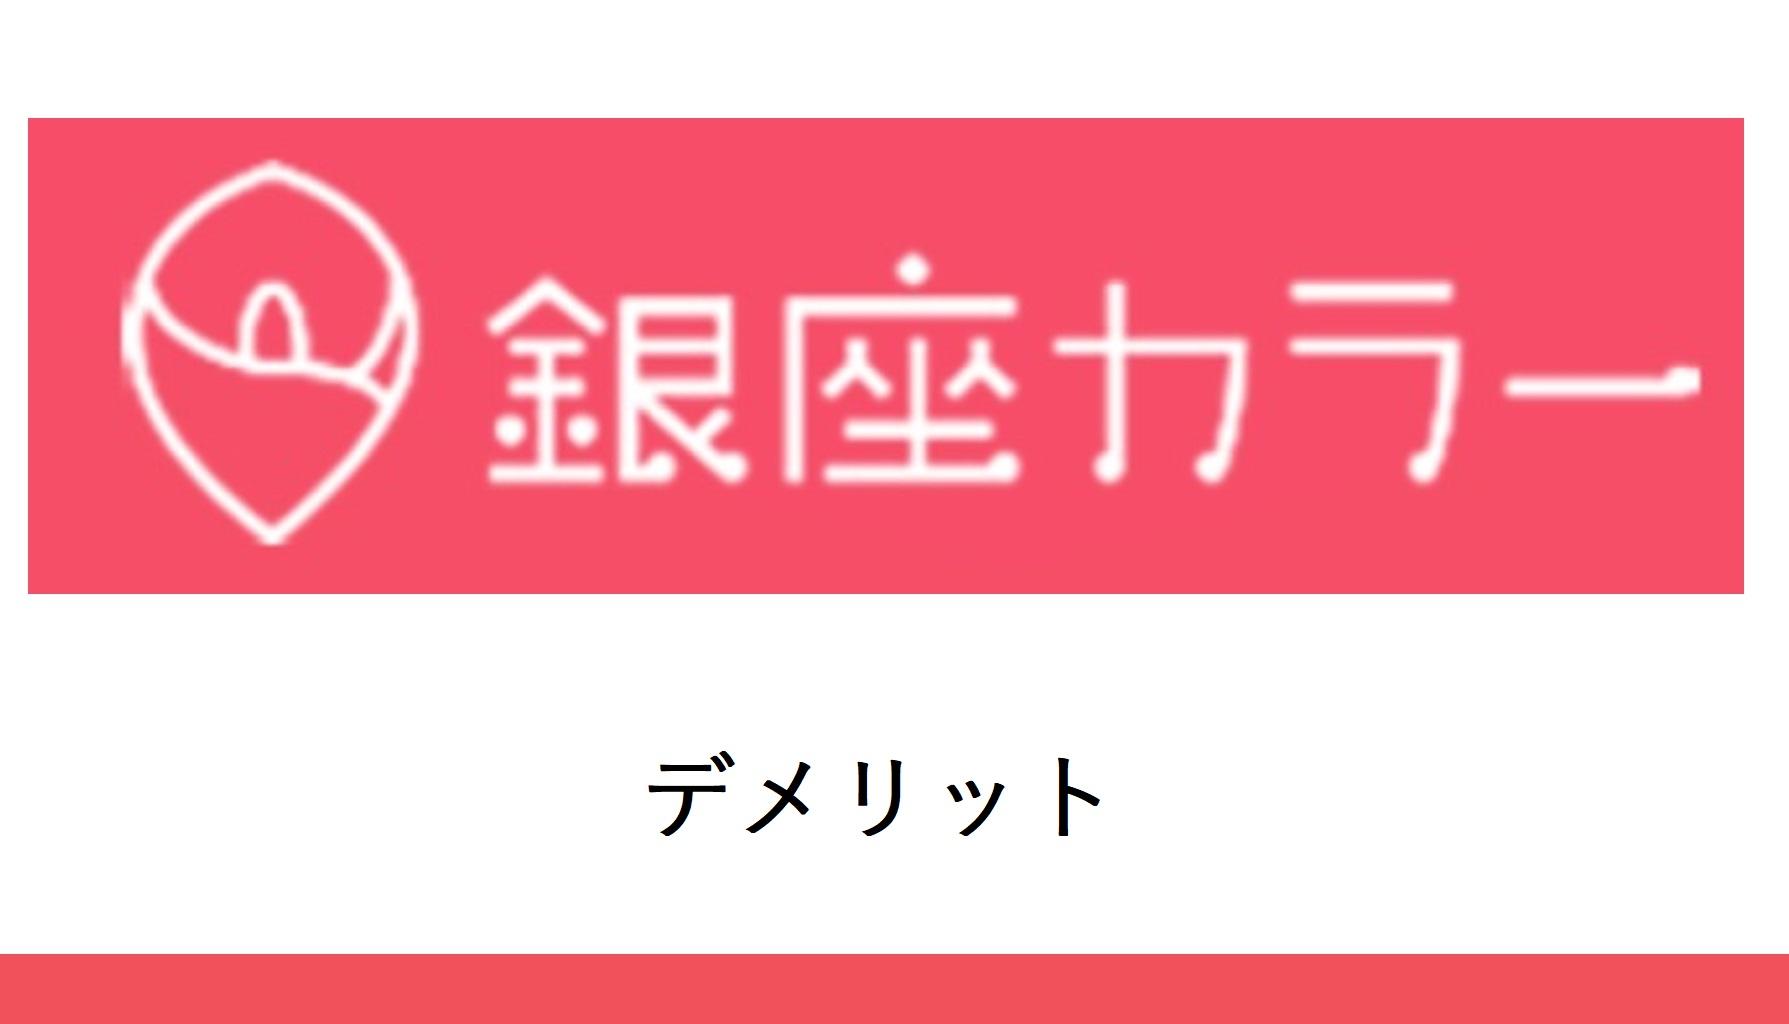 銀座カラー(デメリット)